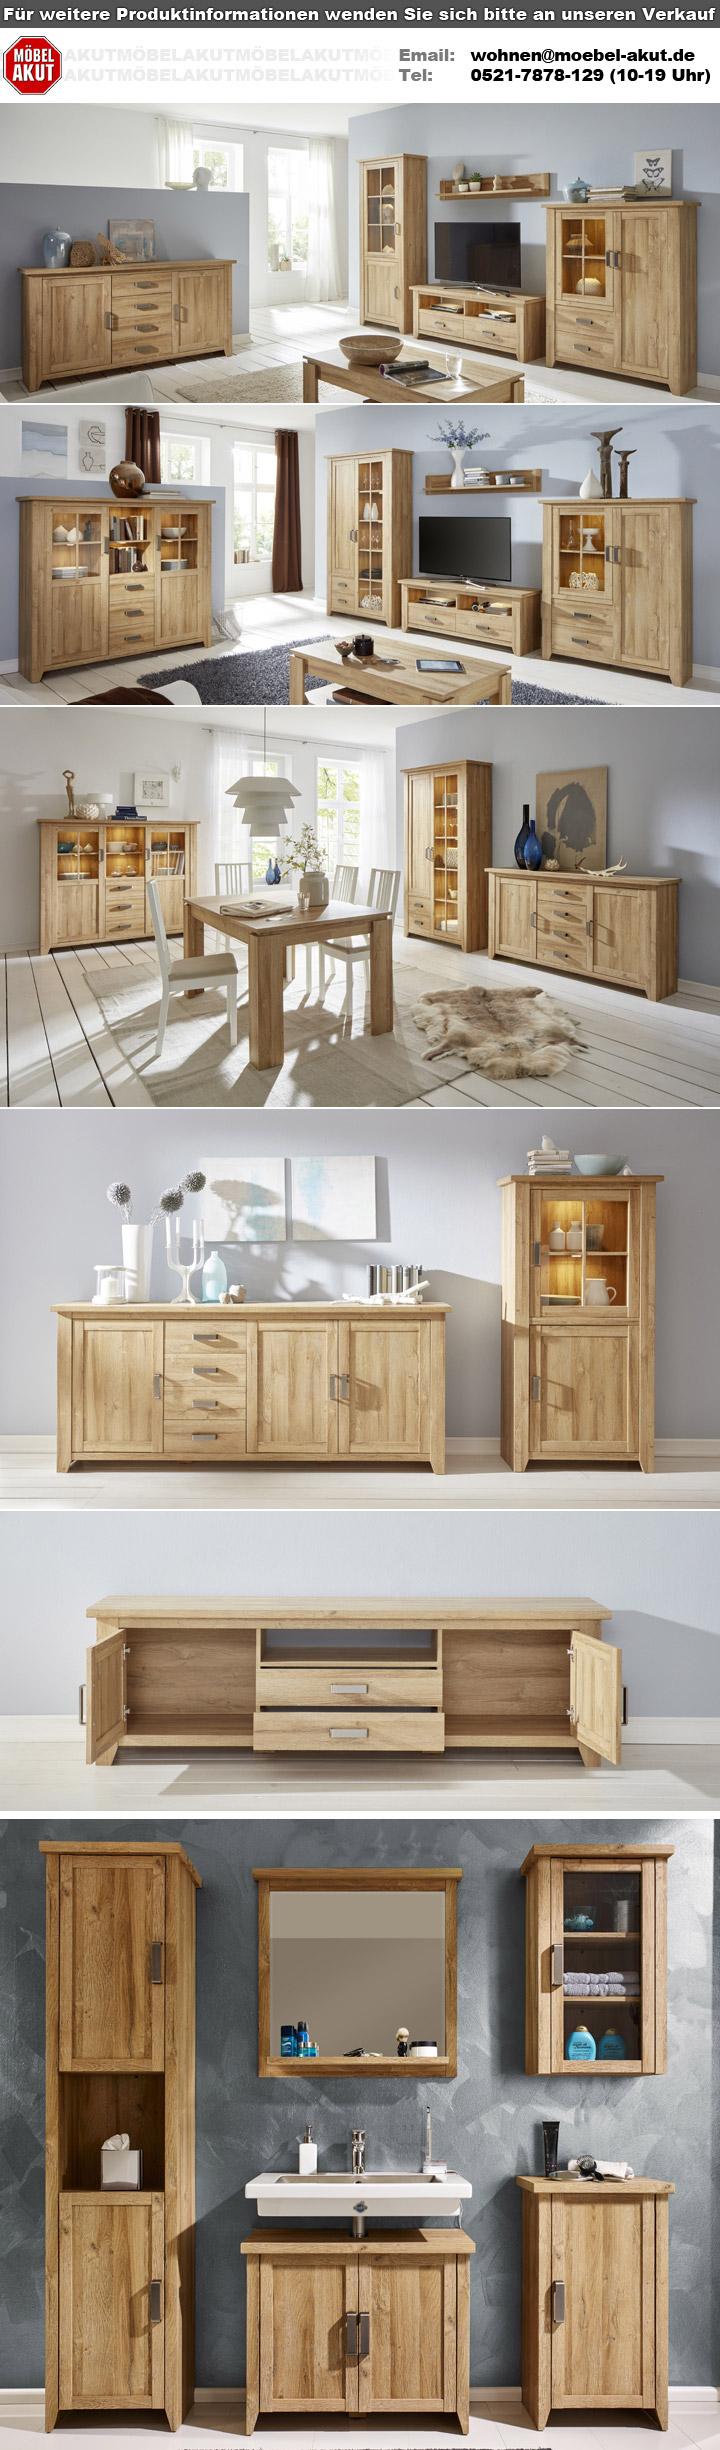 Esstisch CANYON Esszimmertisch Tisch in Alteiche ausziehbar 160-200 cm